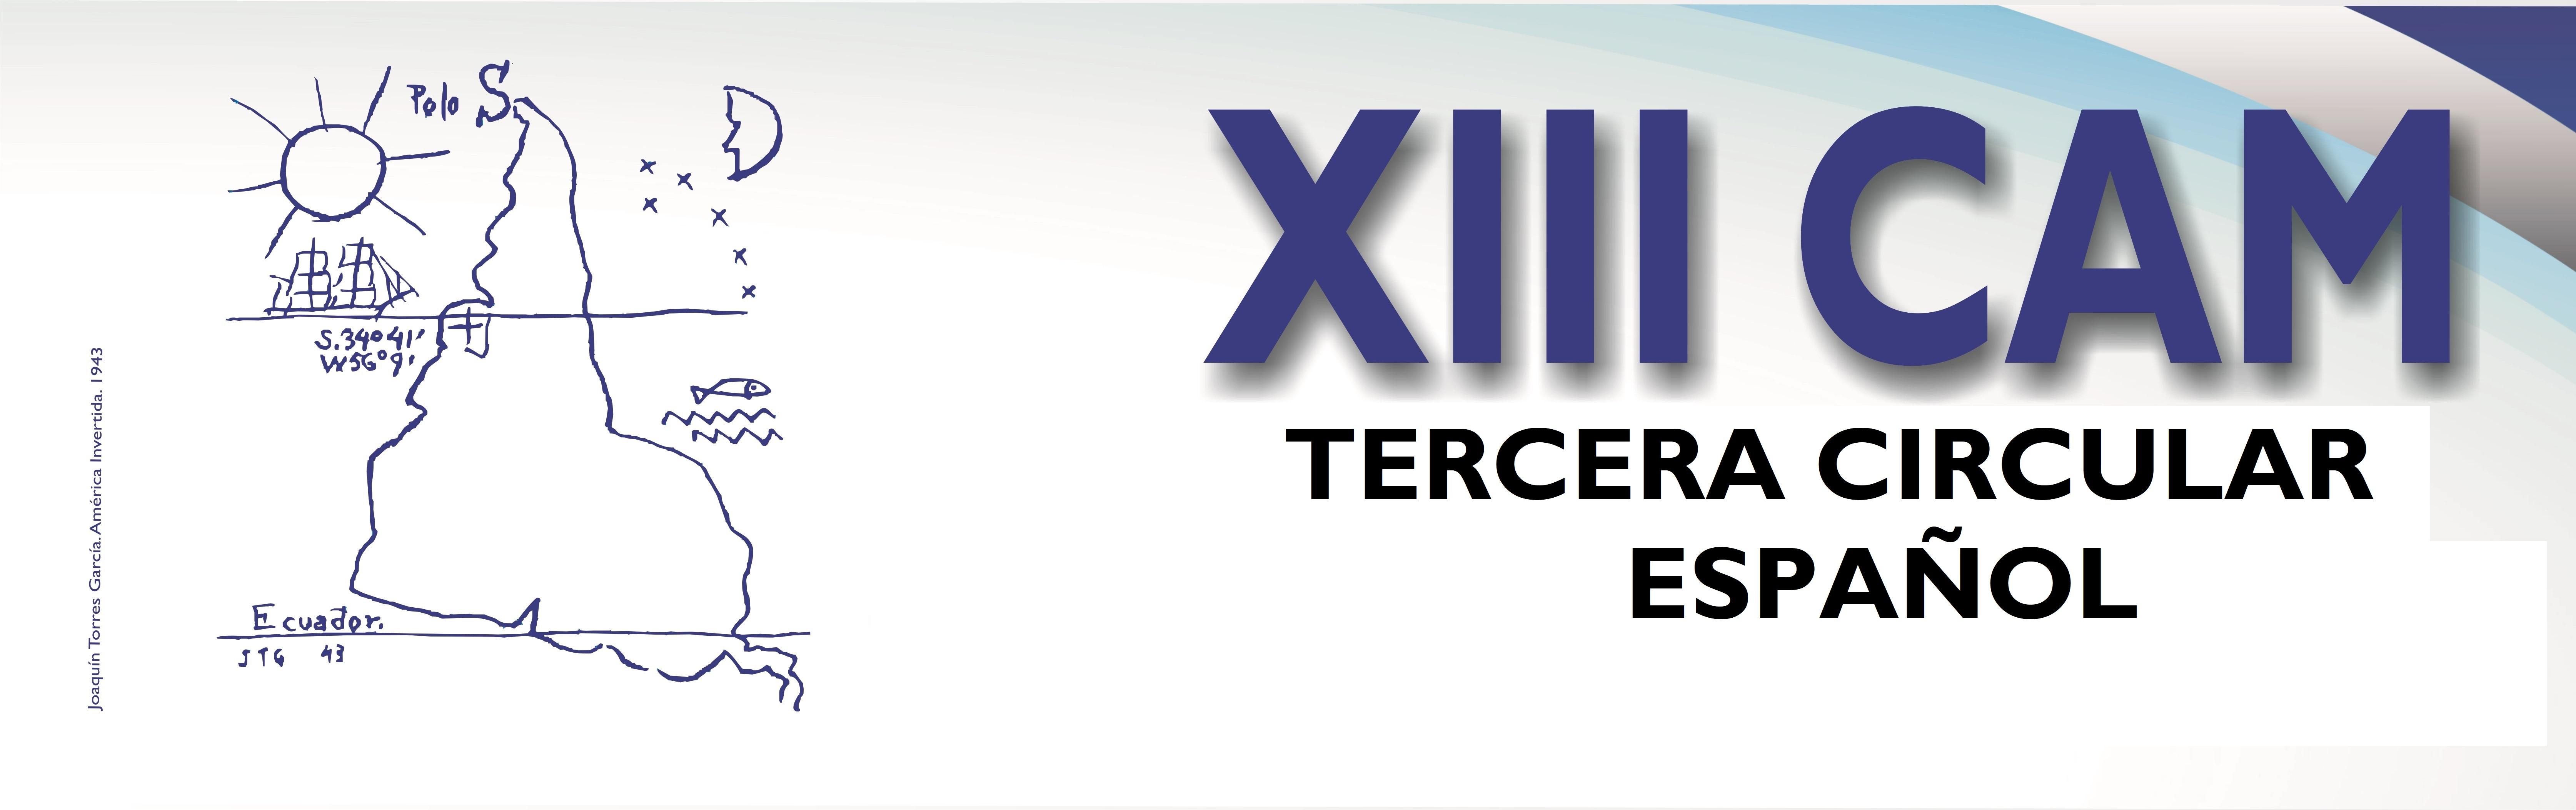 logo tercera circular